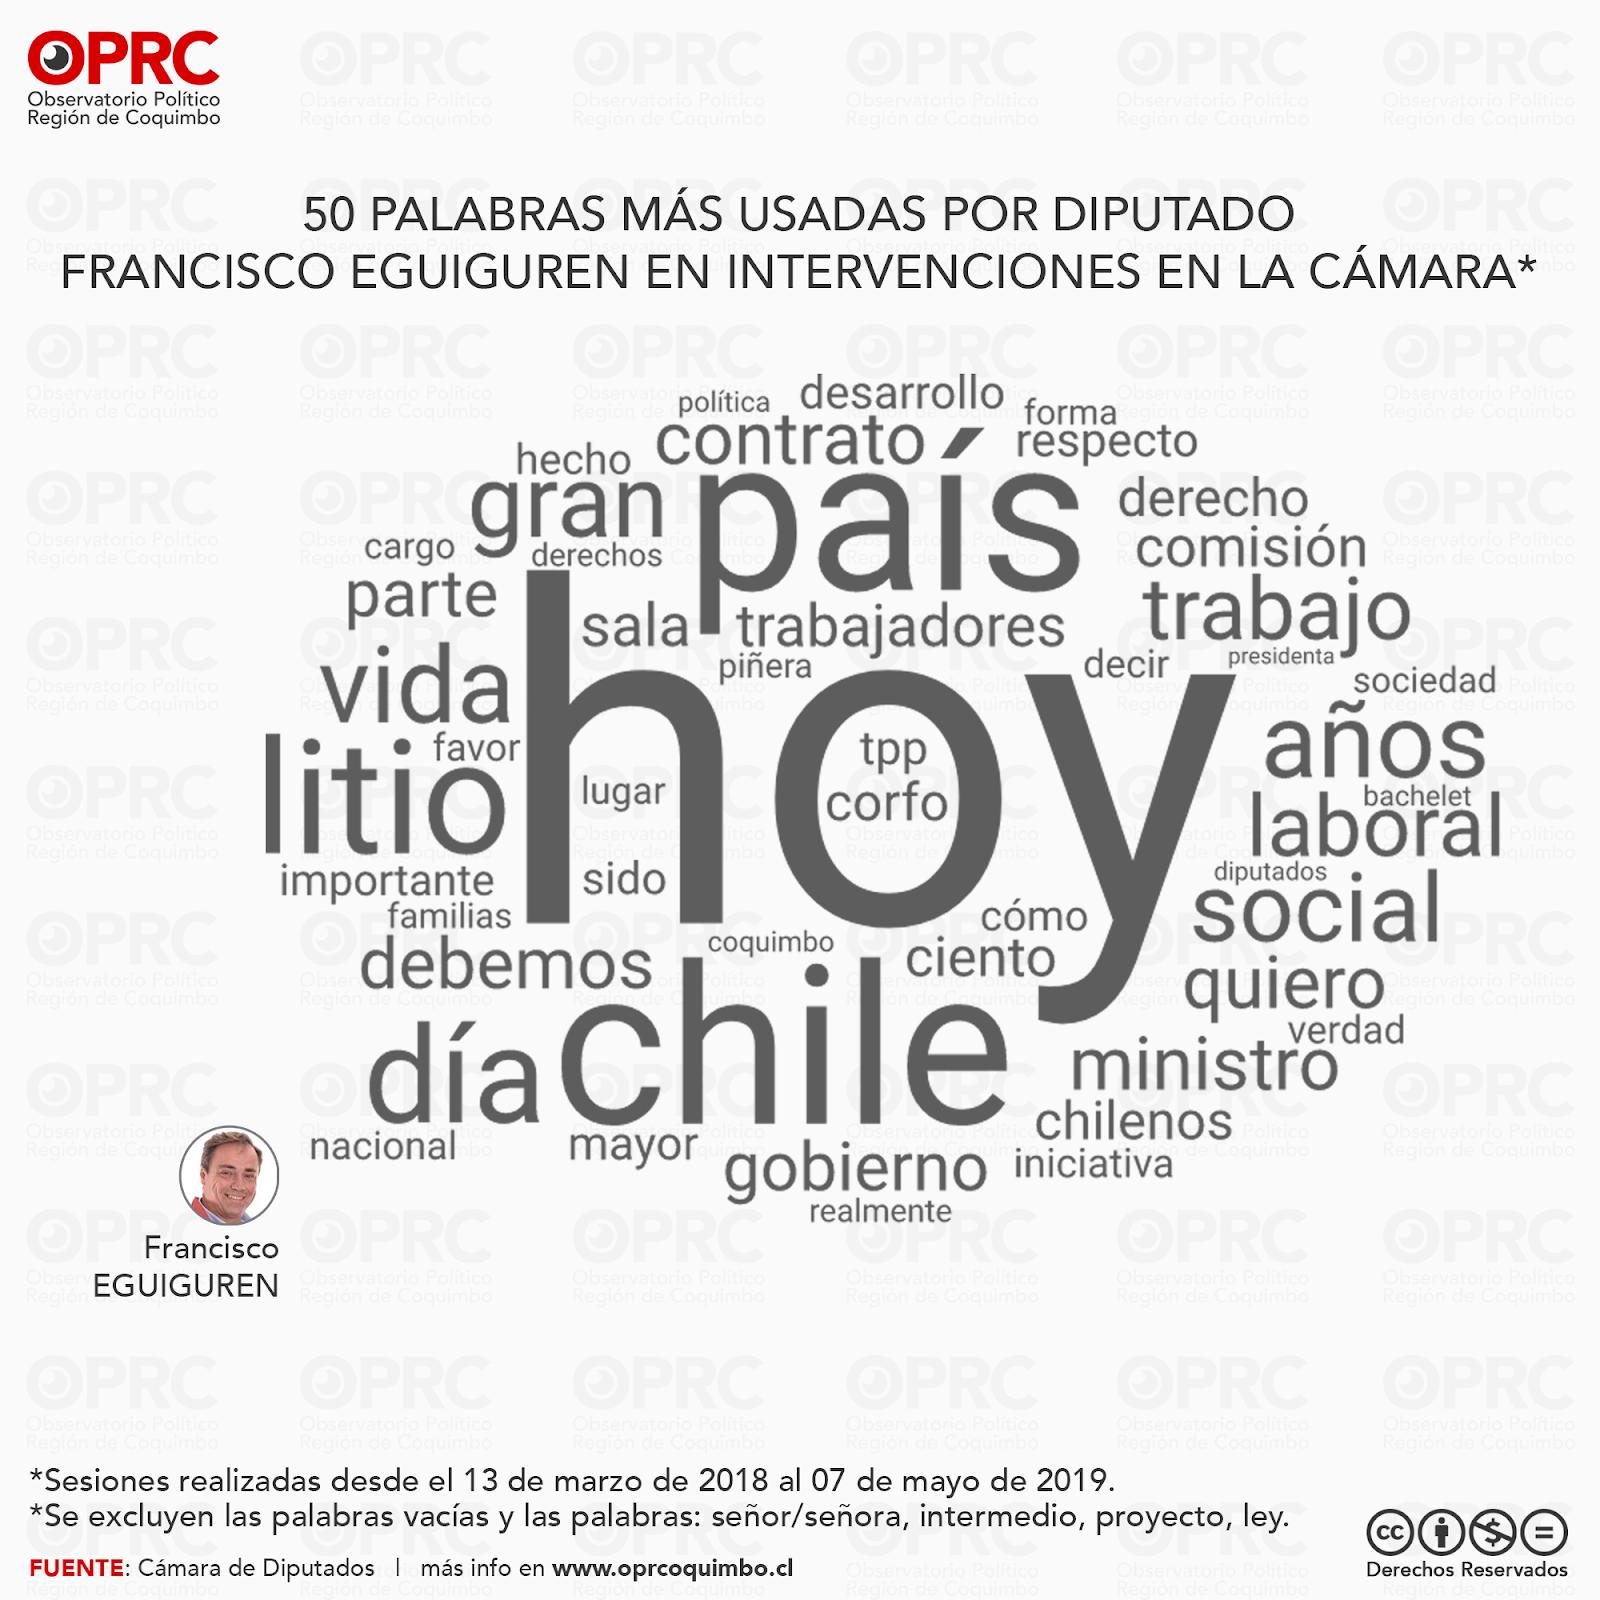 Palabras más usadas por Diputado Francisco Eguiguren en intervenciones en Sala